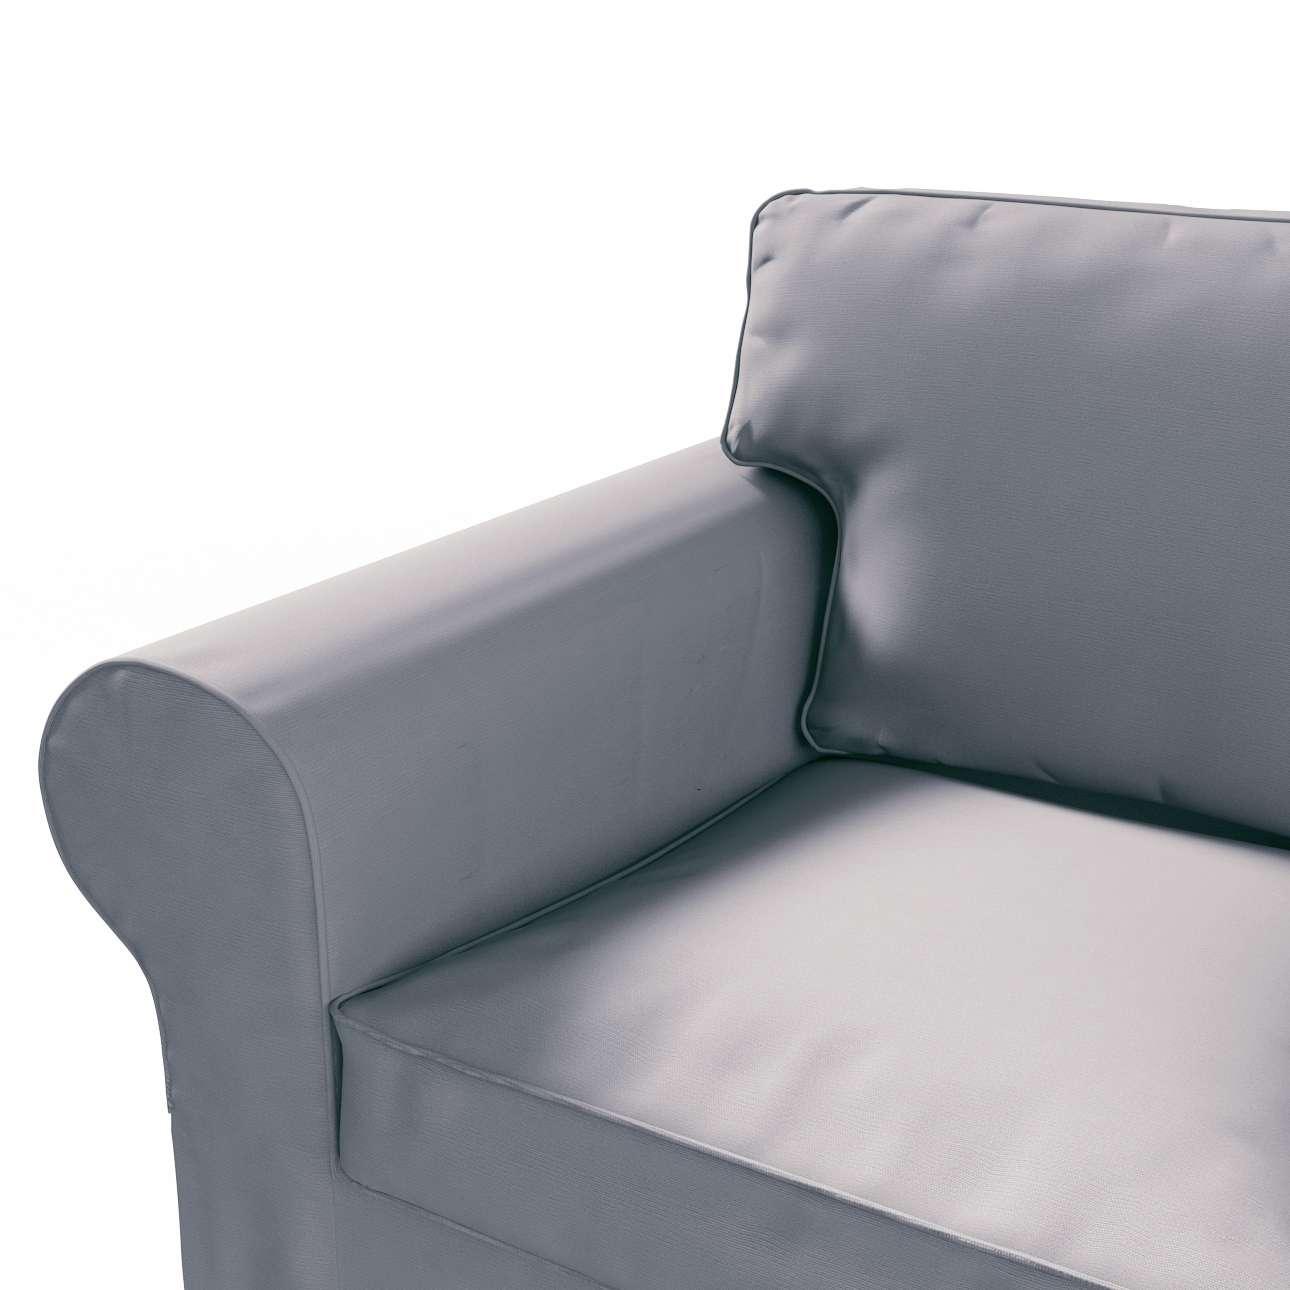 Poťah na sedačku Ektorp (rozkladacia, pre 2 osoby) NOVÝ MODEL 2012 V kolekcii Cotton Panama, tkanina: 702-07